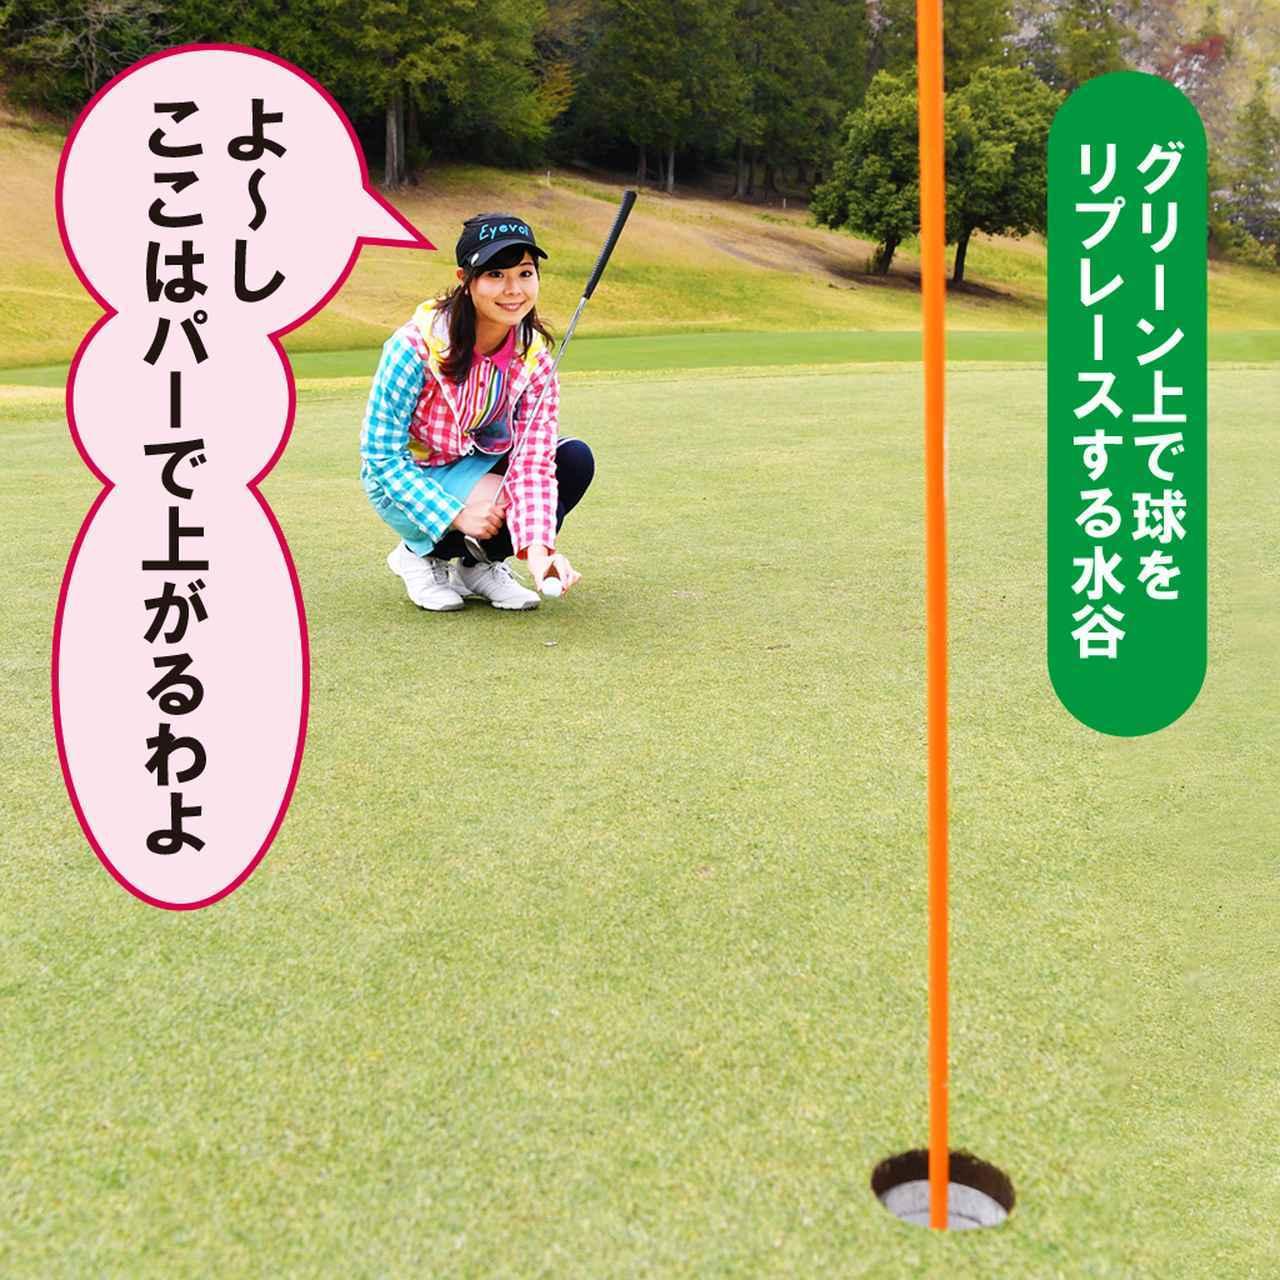 画像1: 【新ルール】グリーン上でリプレース後に強風で球が動いた、こういう場合の処置は?